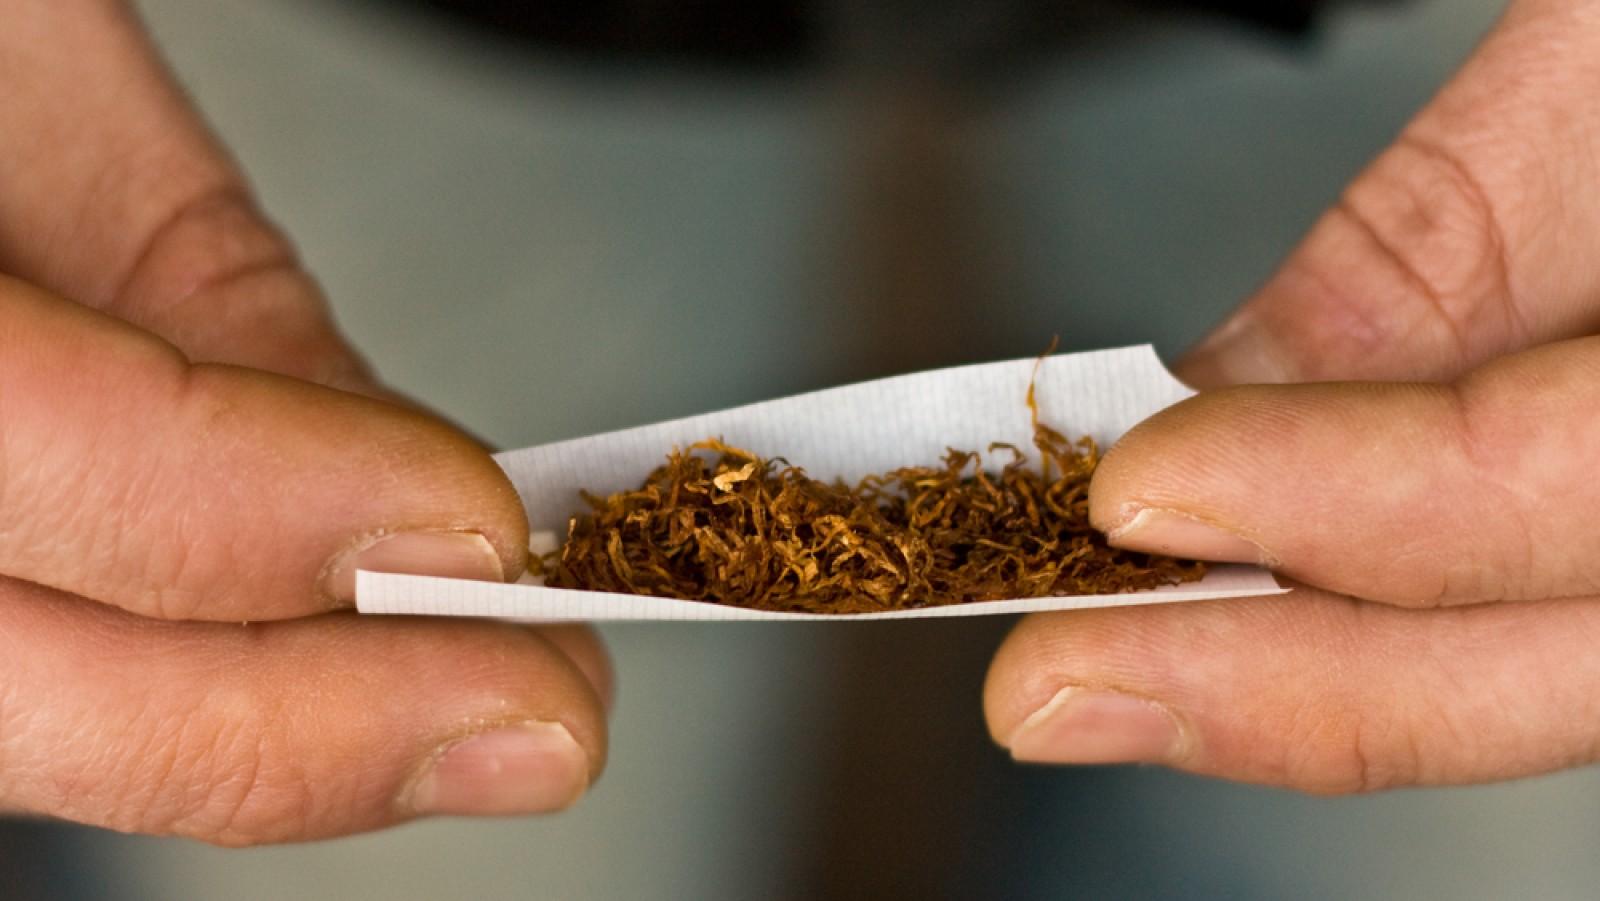 Os efeitos do cigarro de palha são semelhantes ao cigarro industrial.